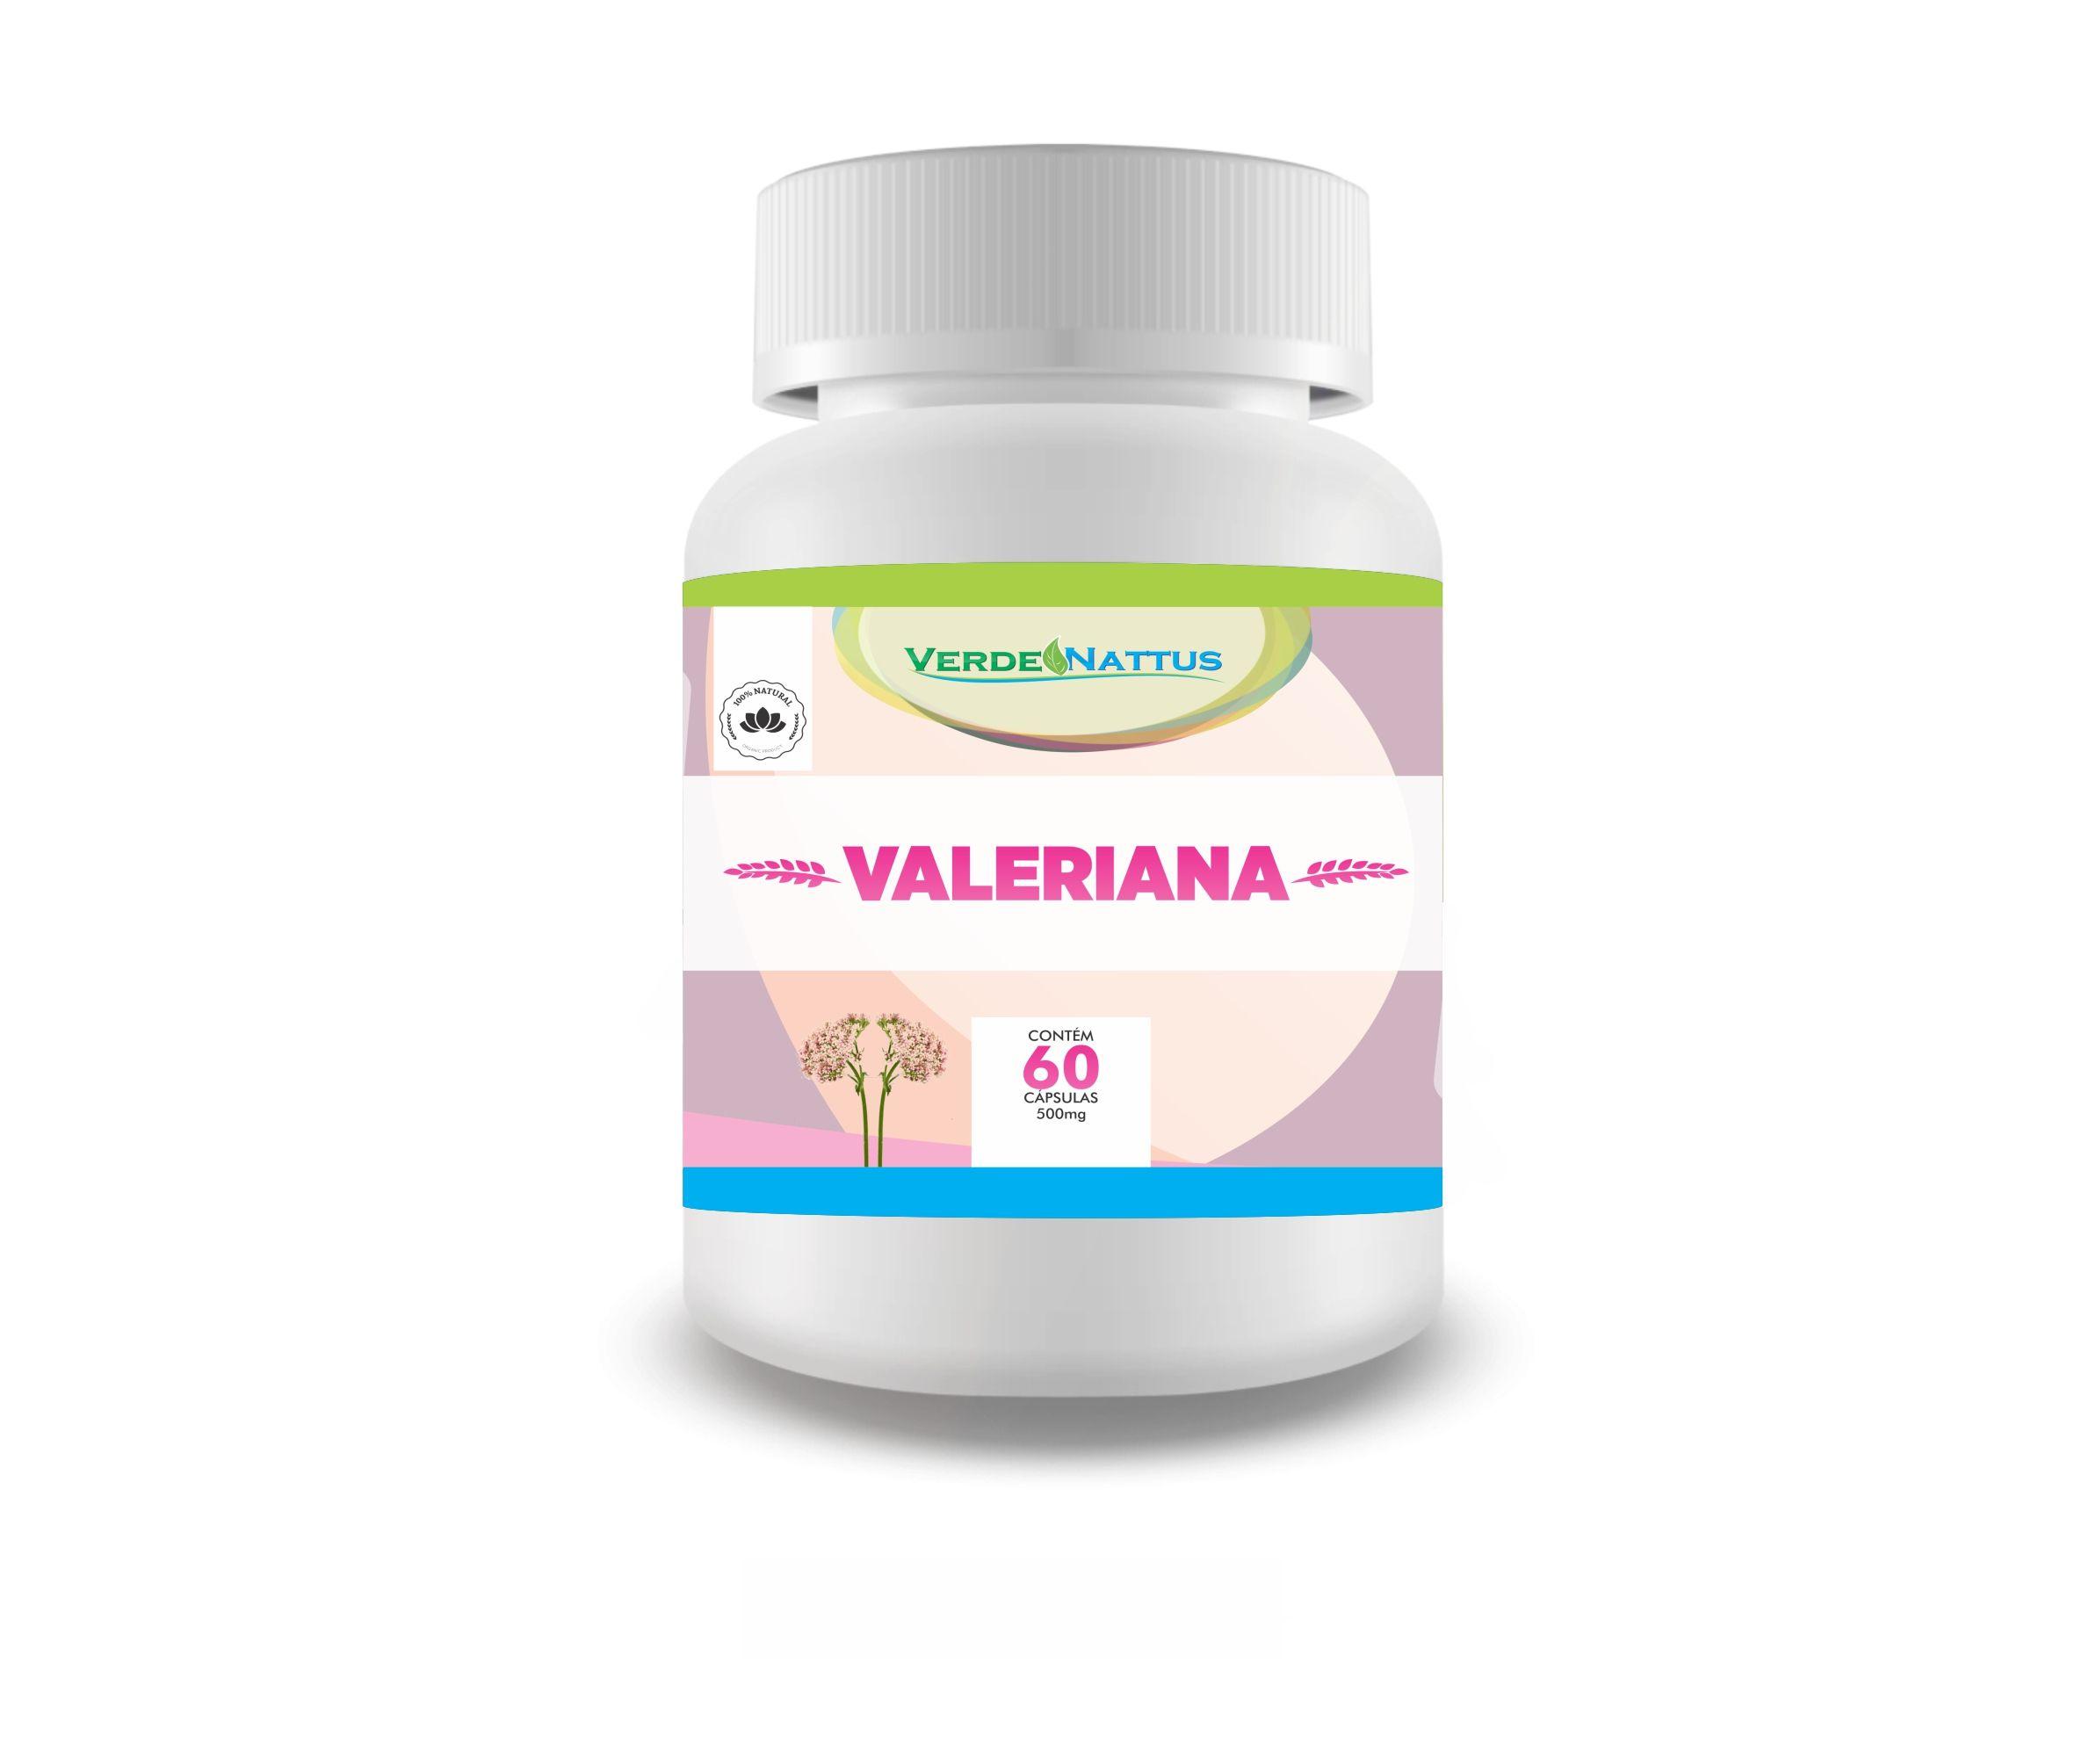 Valeriana 60 Capsulas 500mg Verde Nattus